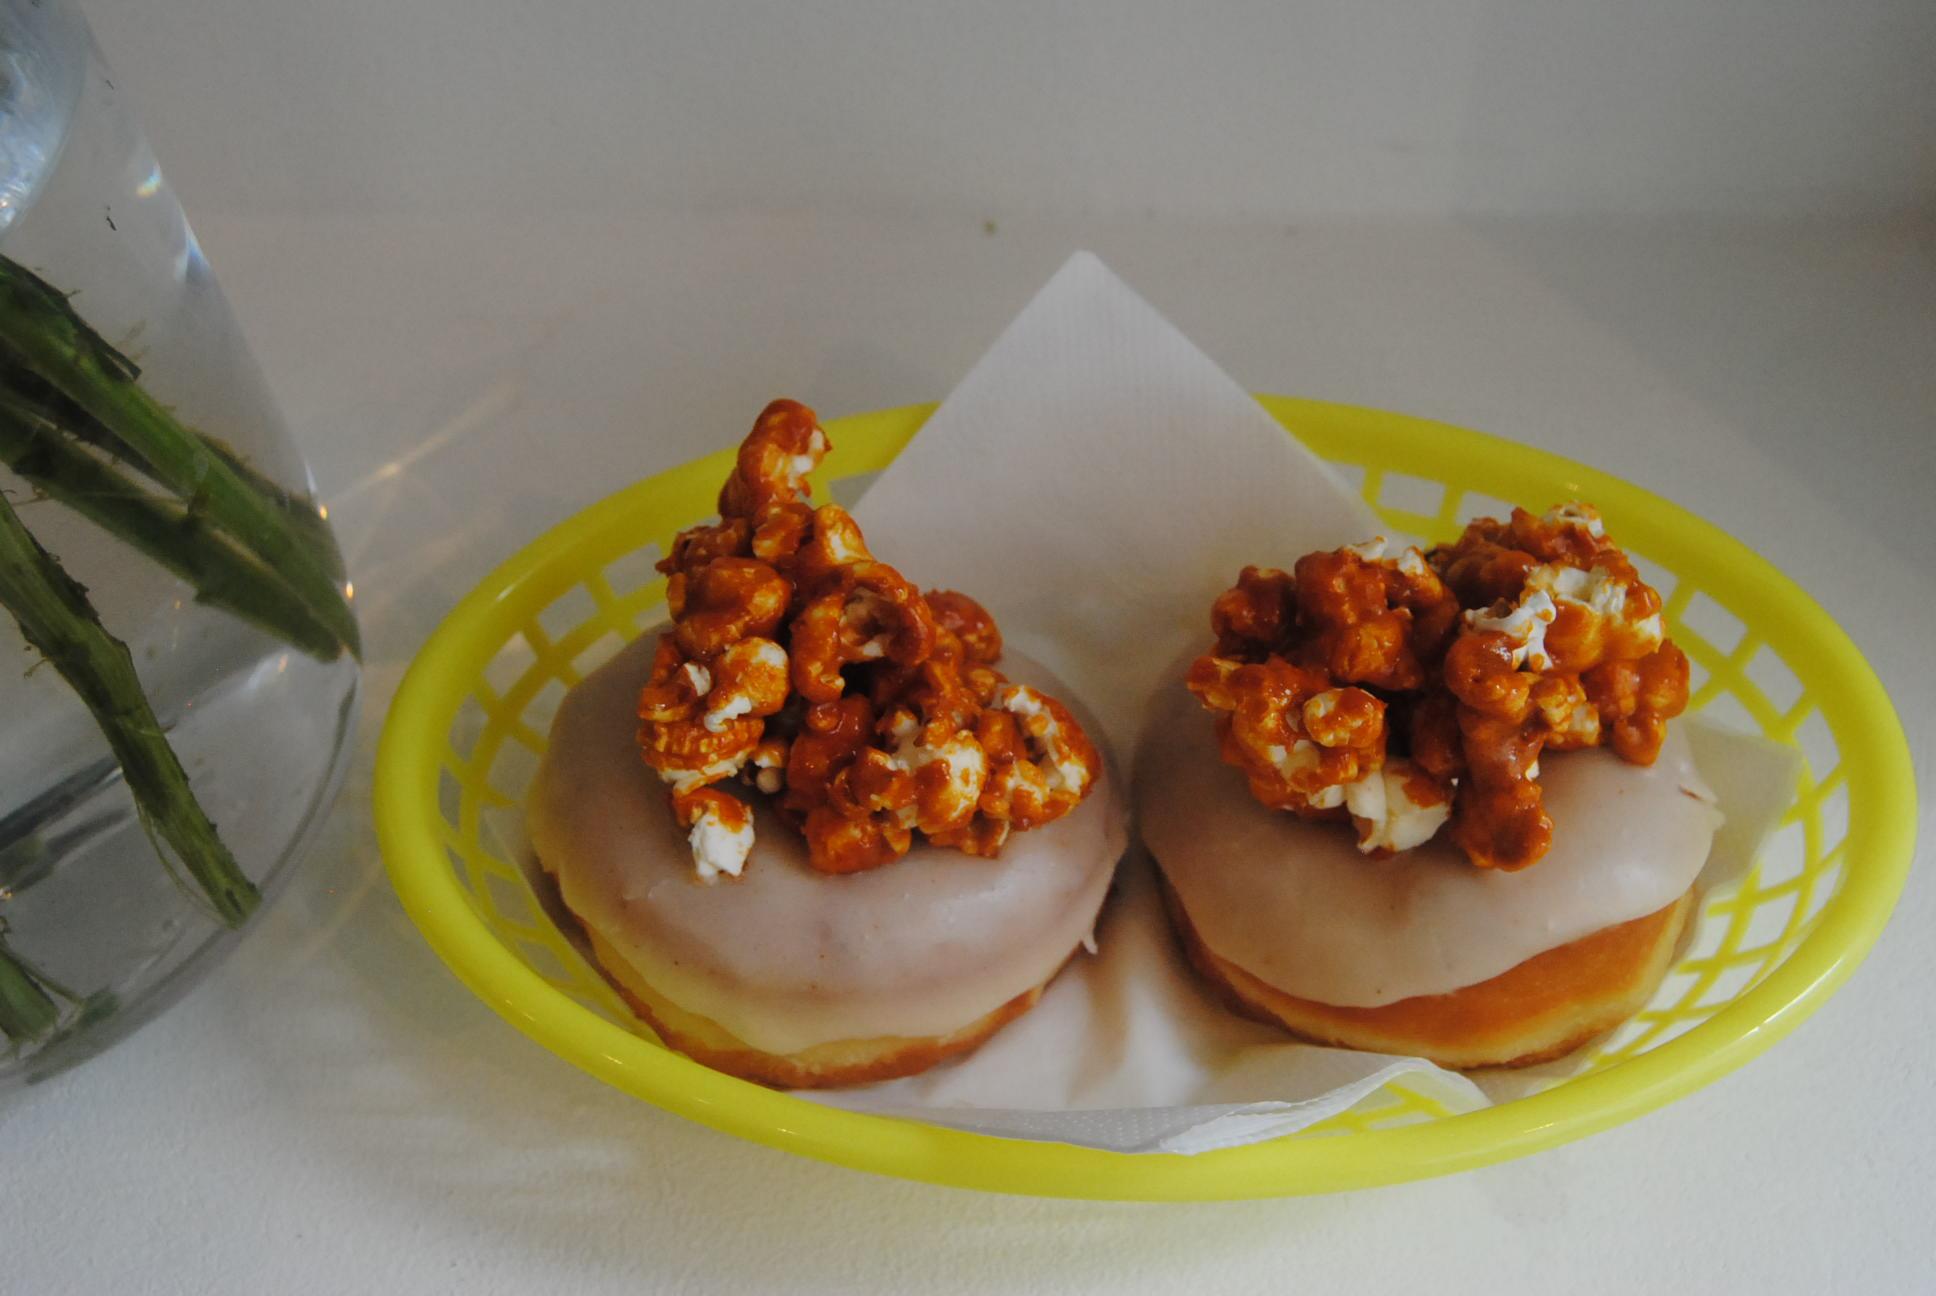 Boneshaker caramel donuts yummy